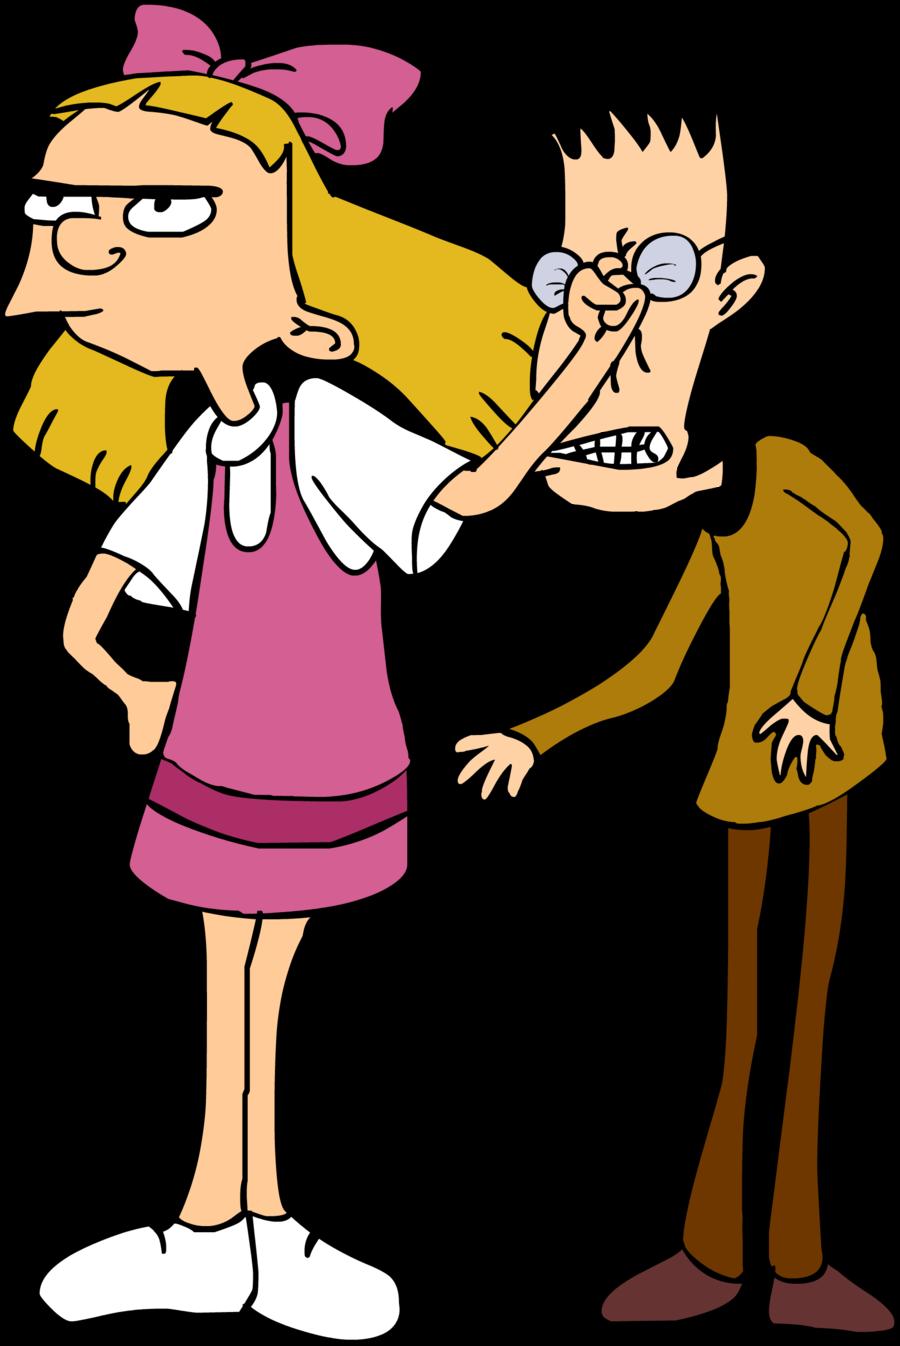 Helga punching brainy hey. Conversation clipart power